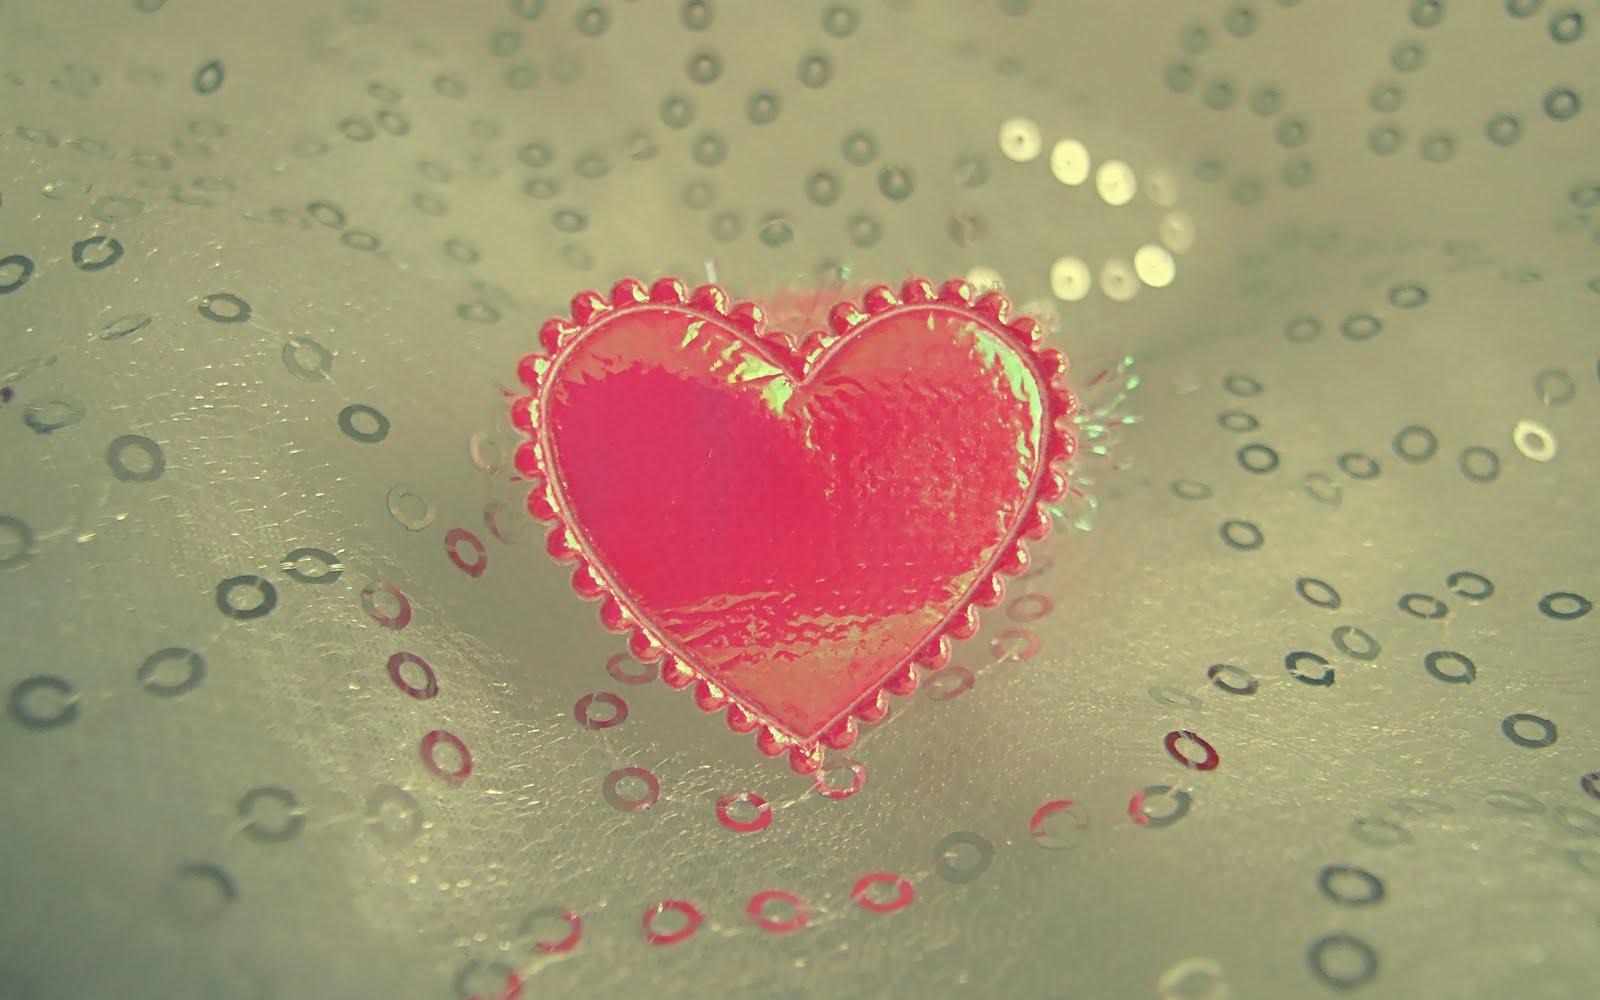 http://2.bp.blogspot.com/-1wJhjJ4pPjo/TfI-_gNA0kI/AAAAAAAAAjo/t8MwxJngrmU/s1600/valentineday.jpg